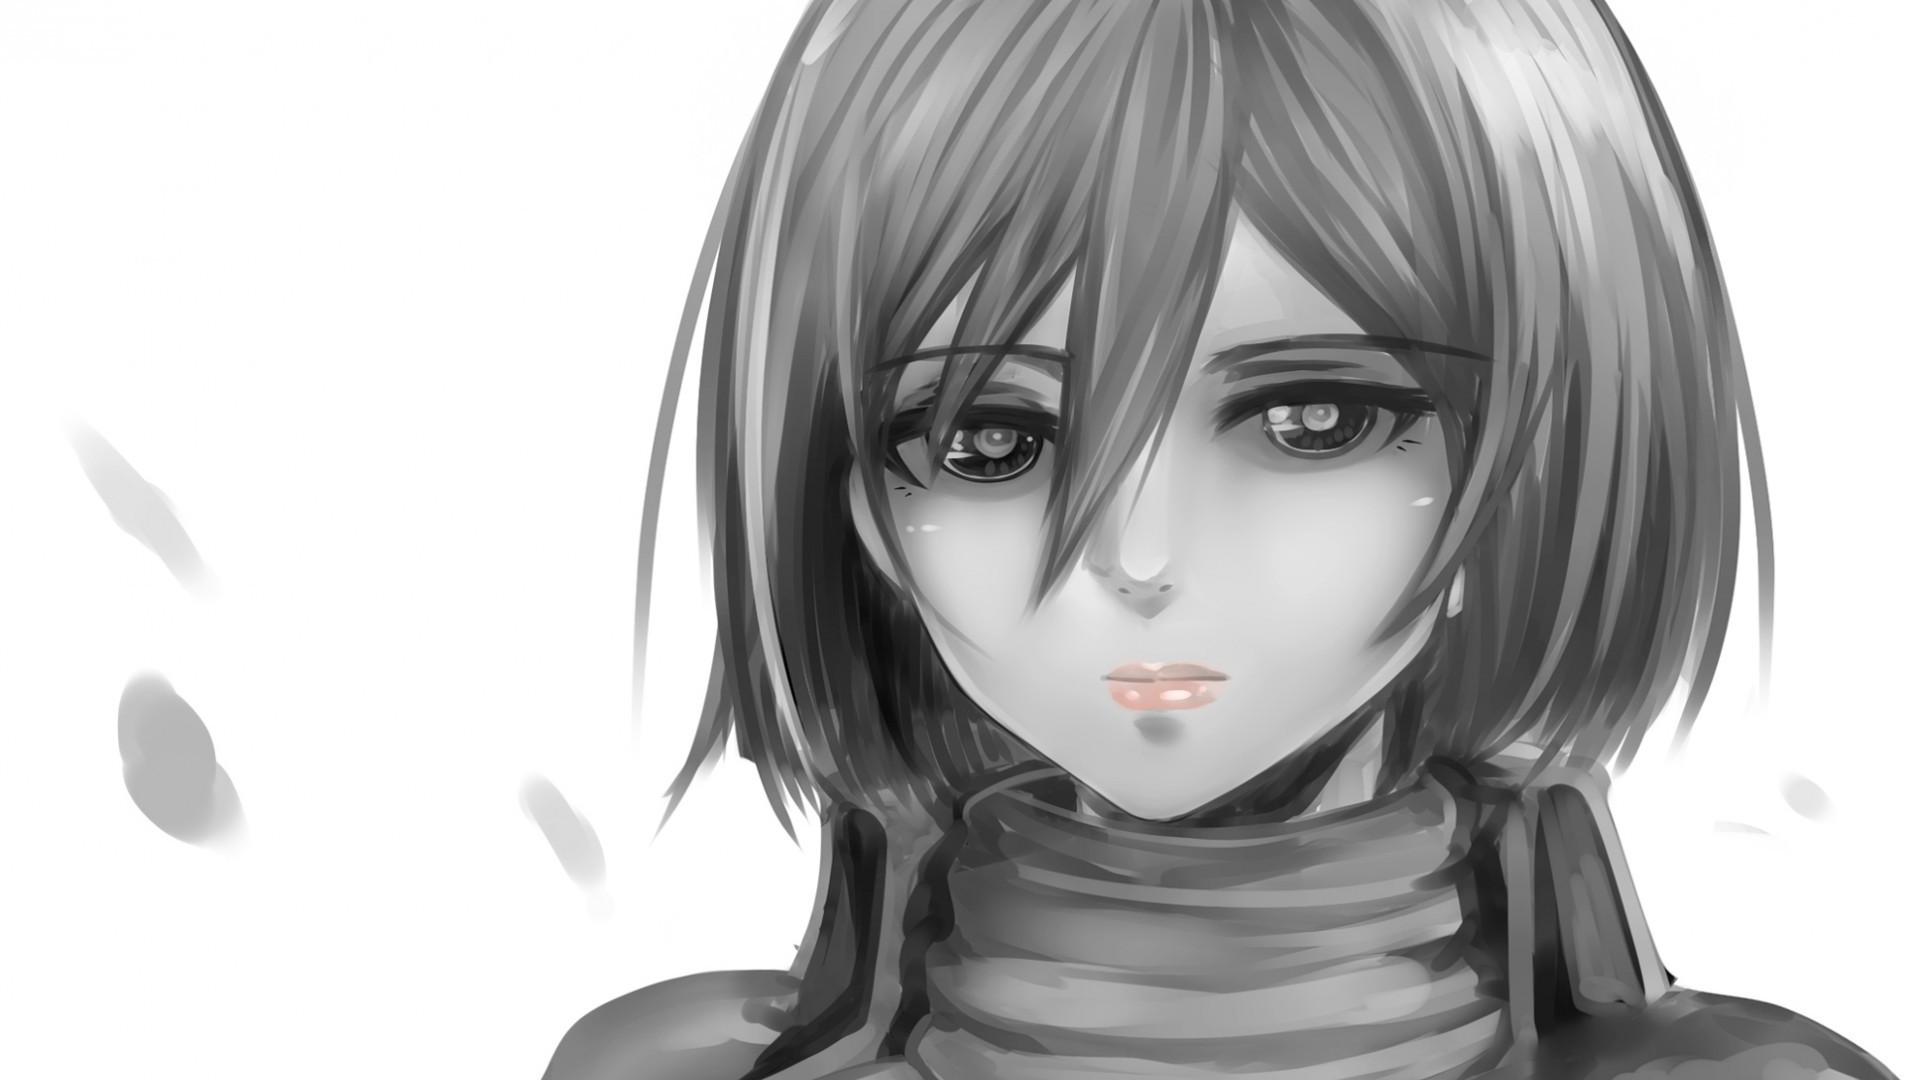 Sfondi viso disegno illustrazione monocromo anime